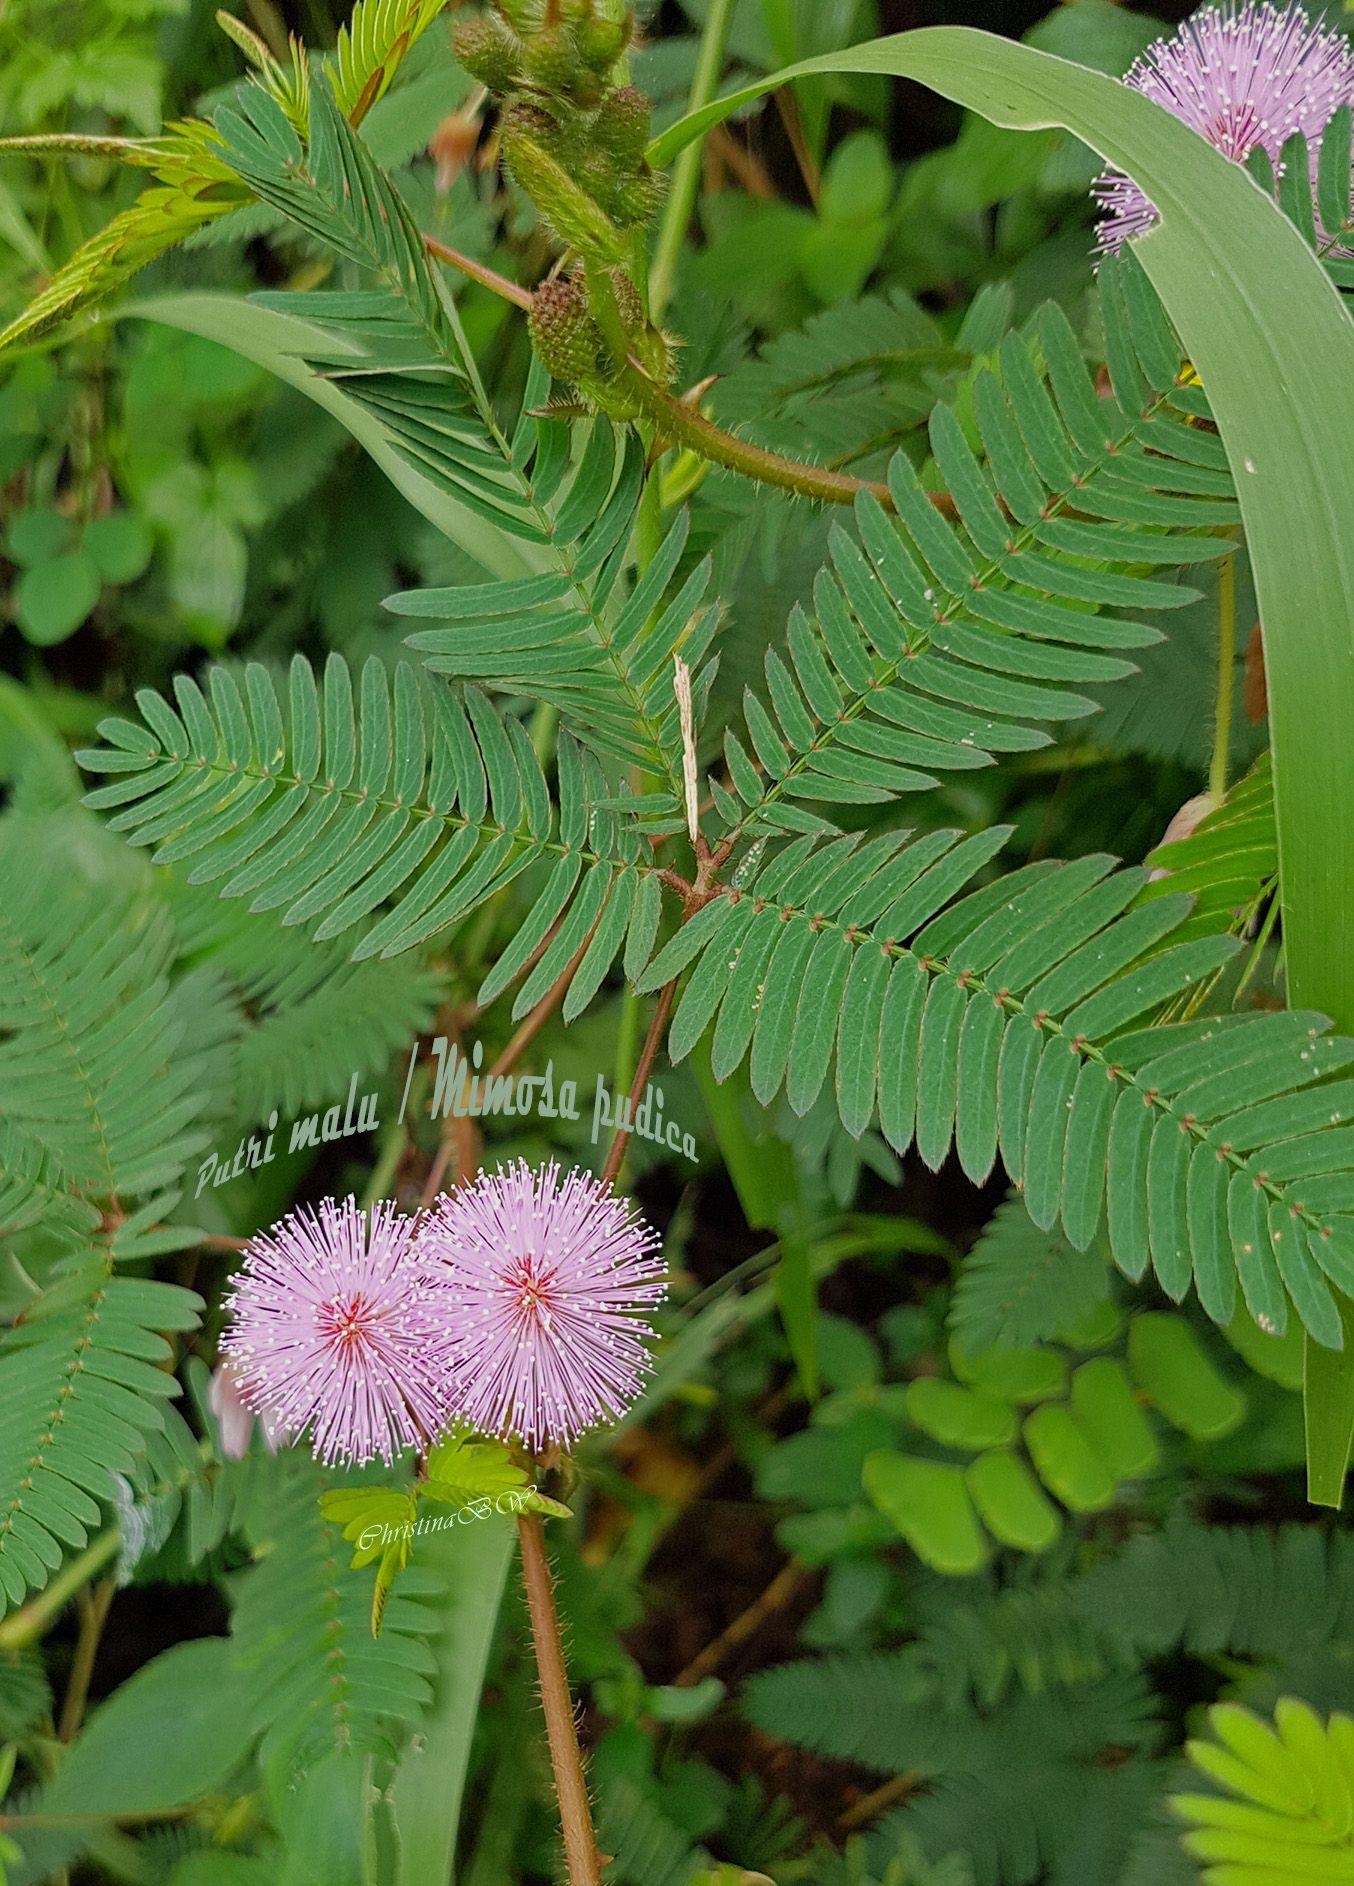 Tanaman Liar Yang Dikenal Dengan Sebutan Putri Malu Atau Mimosa Pudica Ini Adalah Perdu Pendek Anggota Suku Polong Polongan Daun D Tanaman Perdu Tanaman Obat